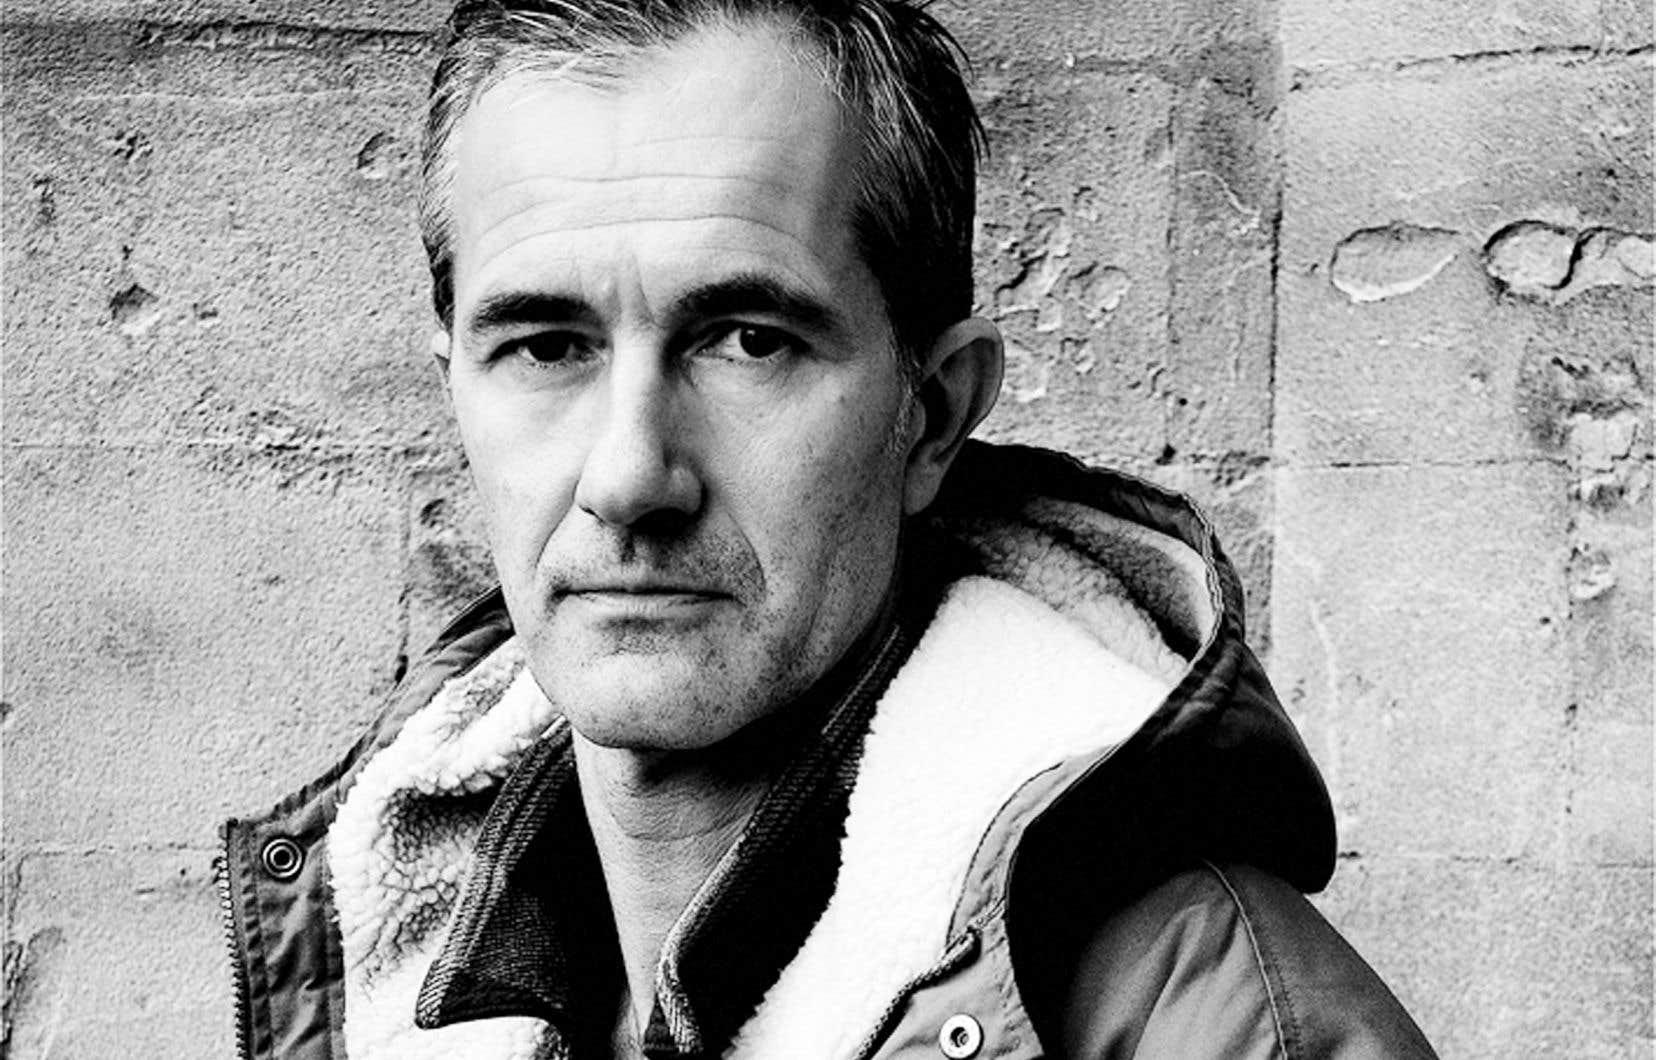 Encore peu traduit en français, Geoff Dyer, né en 1958 dans le sud-ouest de l'Angleterre et vivant à Los Angeles depuis 2014, est l'auteur de quelques romans, mais il s'est surtout fait remarquer pour ses essais, à la manière très originale.